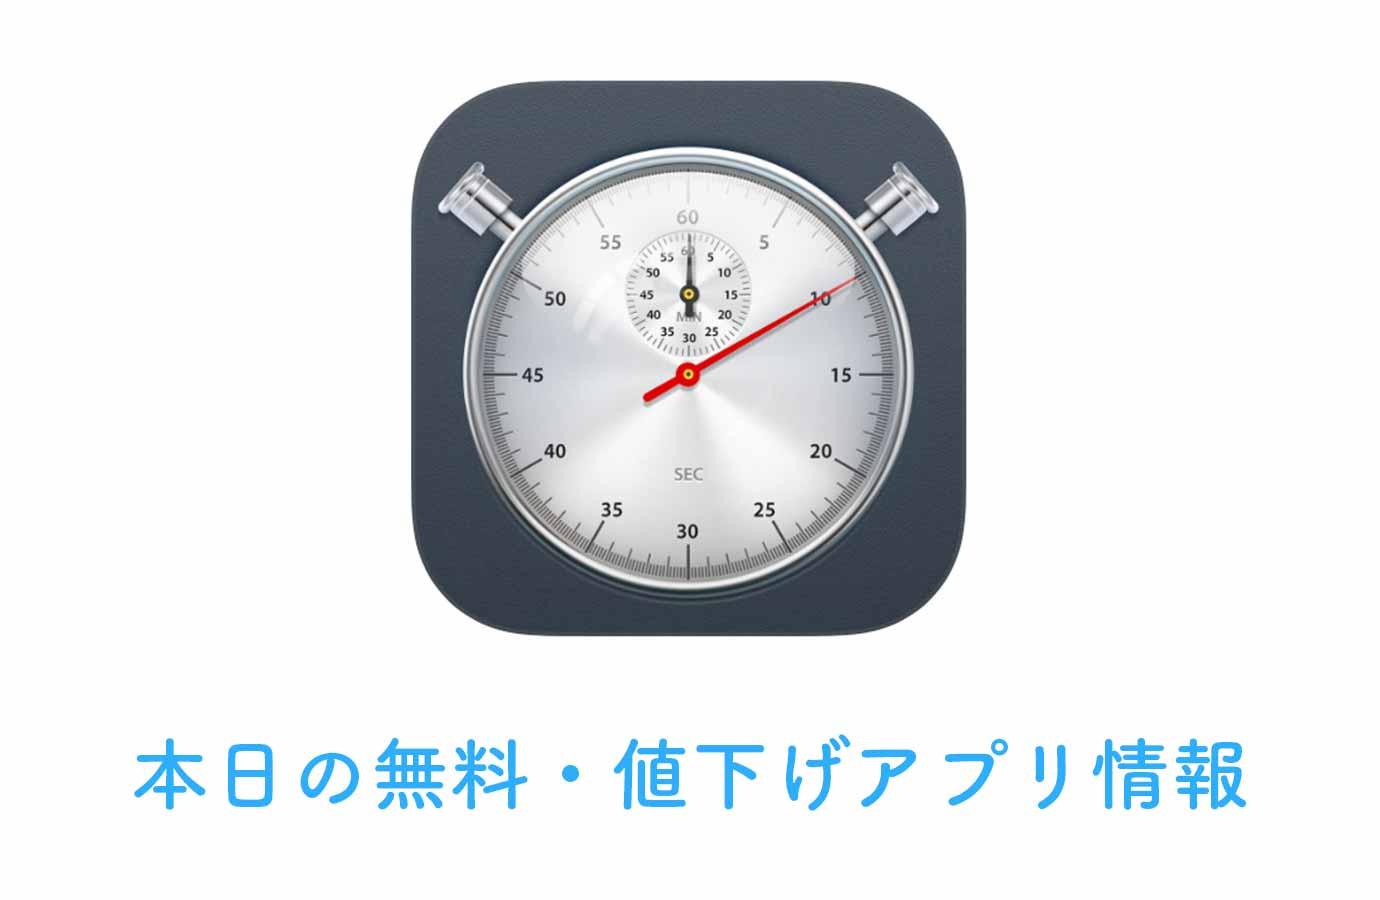 360円→無料、非常に綺麗なアナログストップウォッチアプリ「ストップウォッチ+」など【5/27】本日の無料・値下げアプリ情報